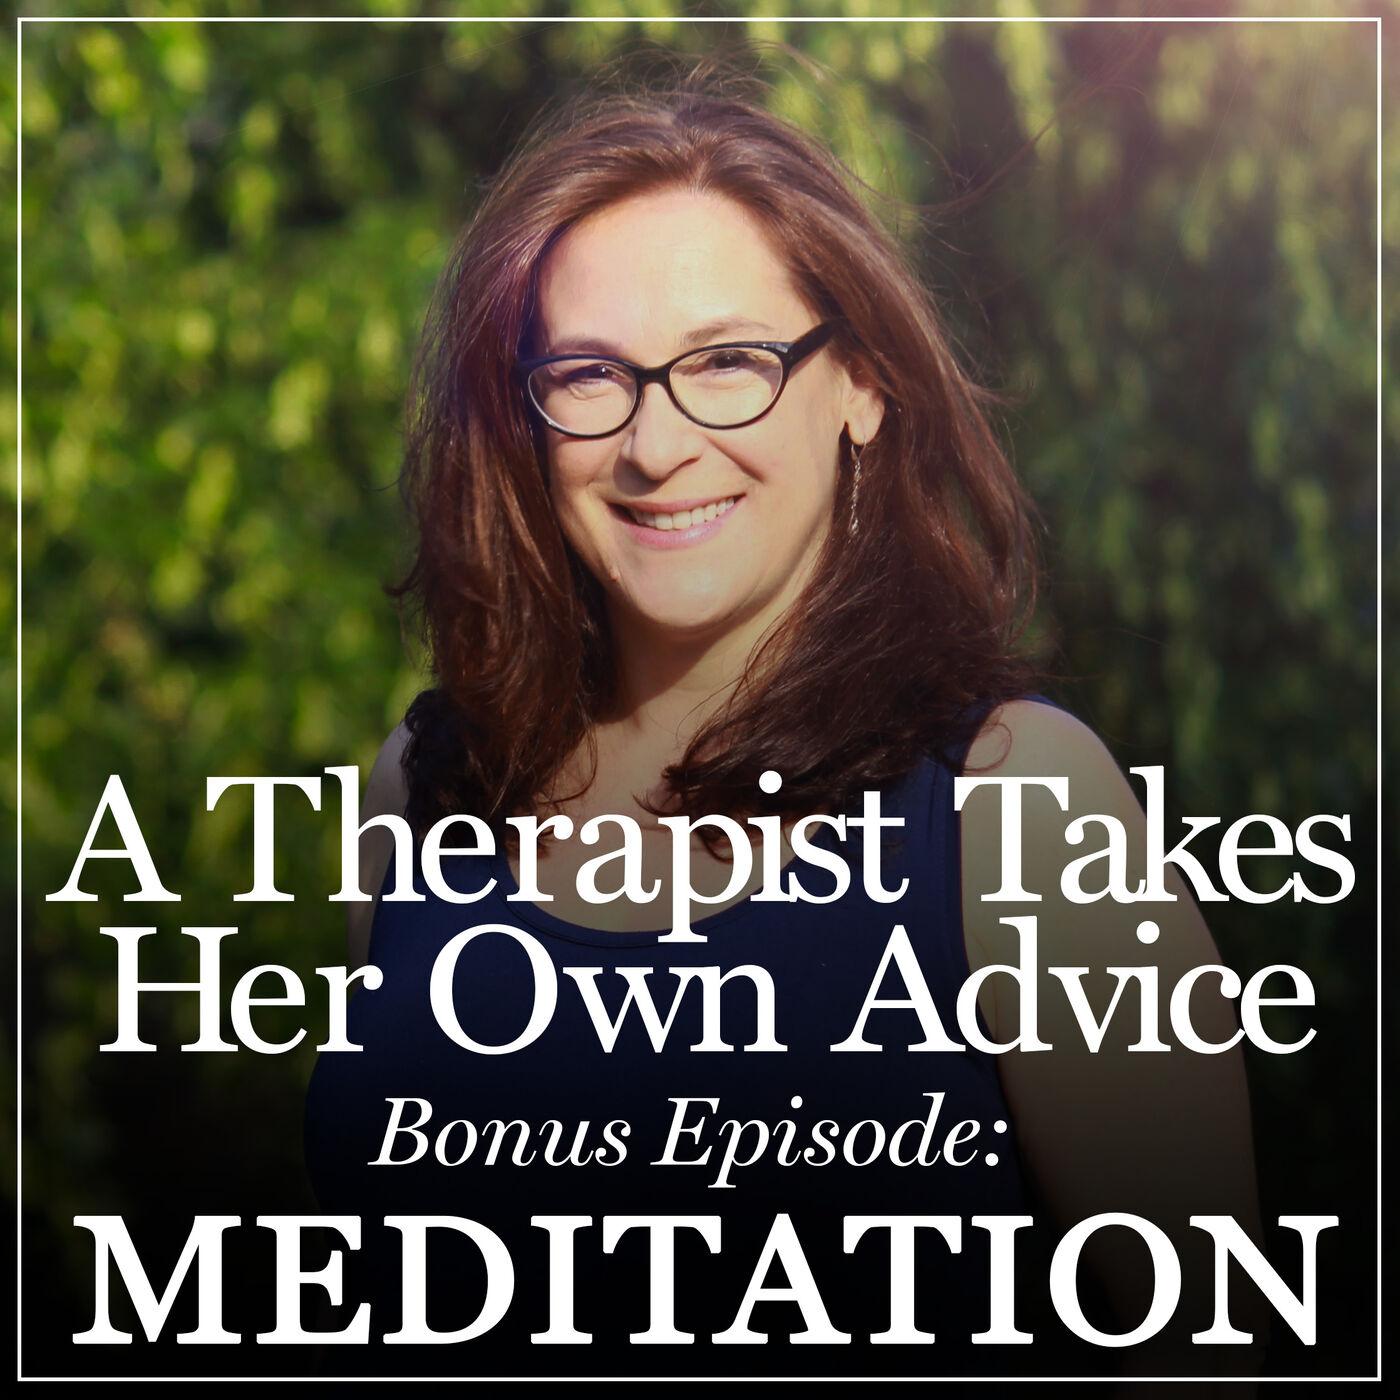 GUIDED MEDITATION - Loving Kindness